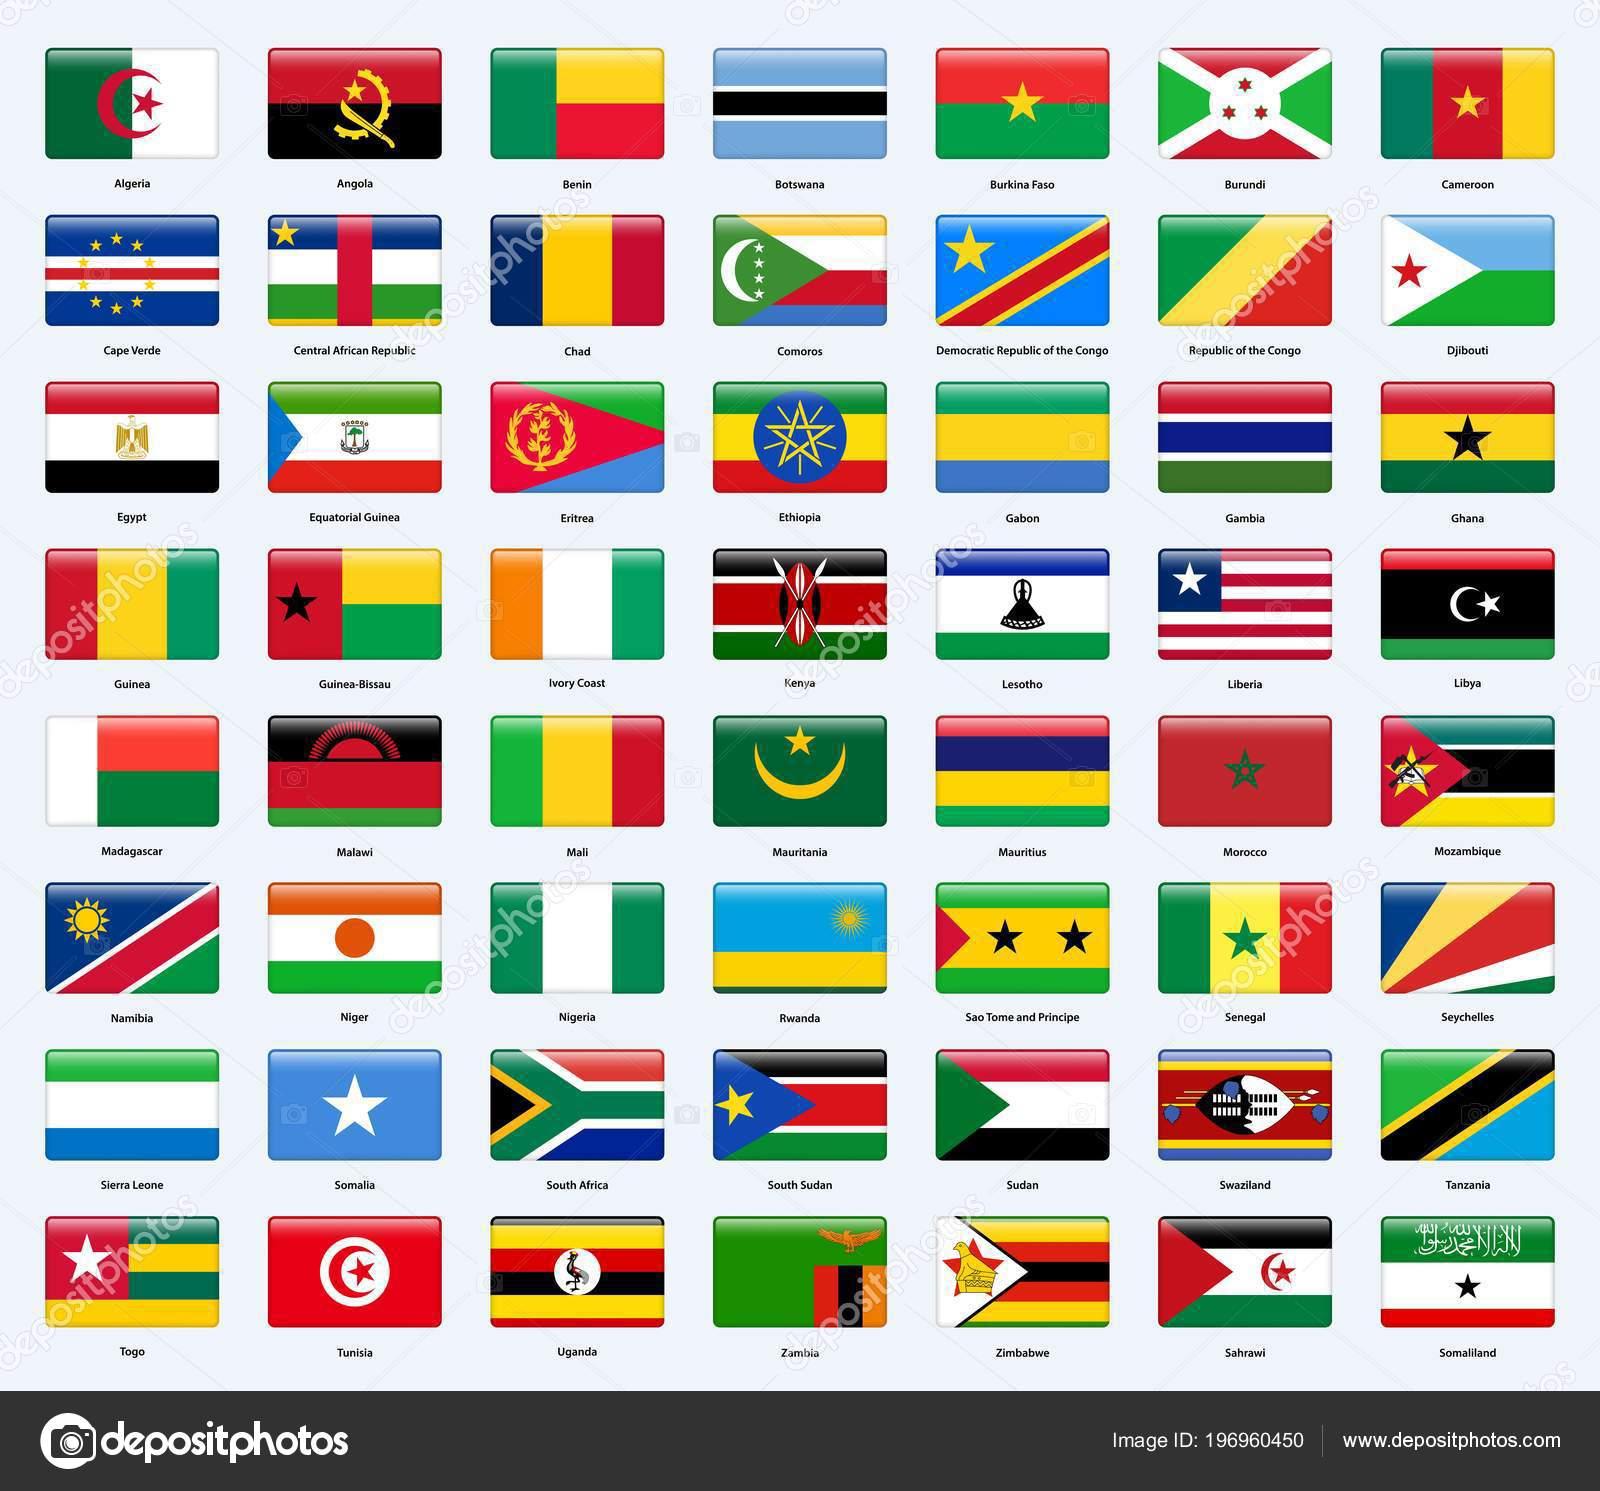 флаги стран африки в картинках с названиями страны сделанное того, как